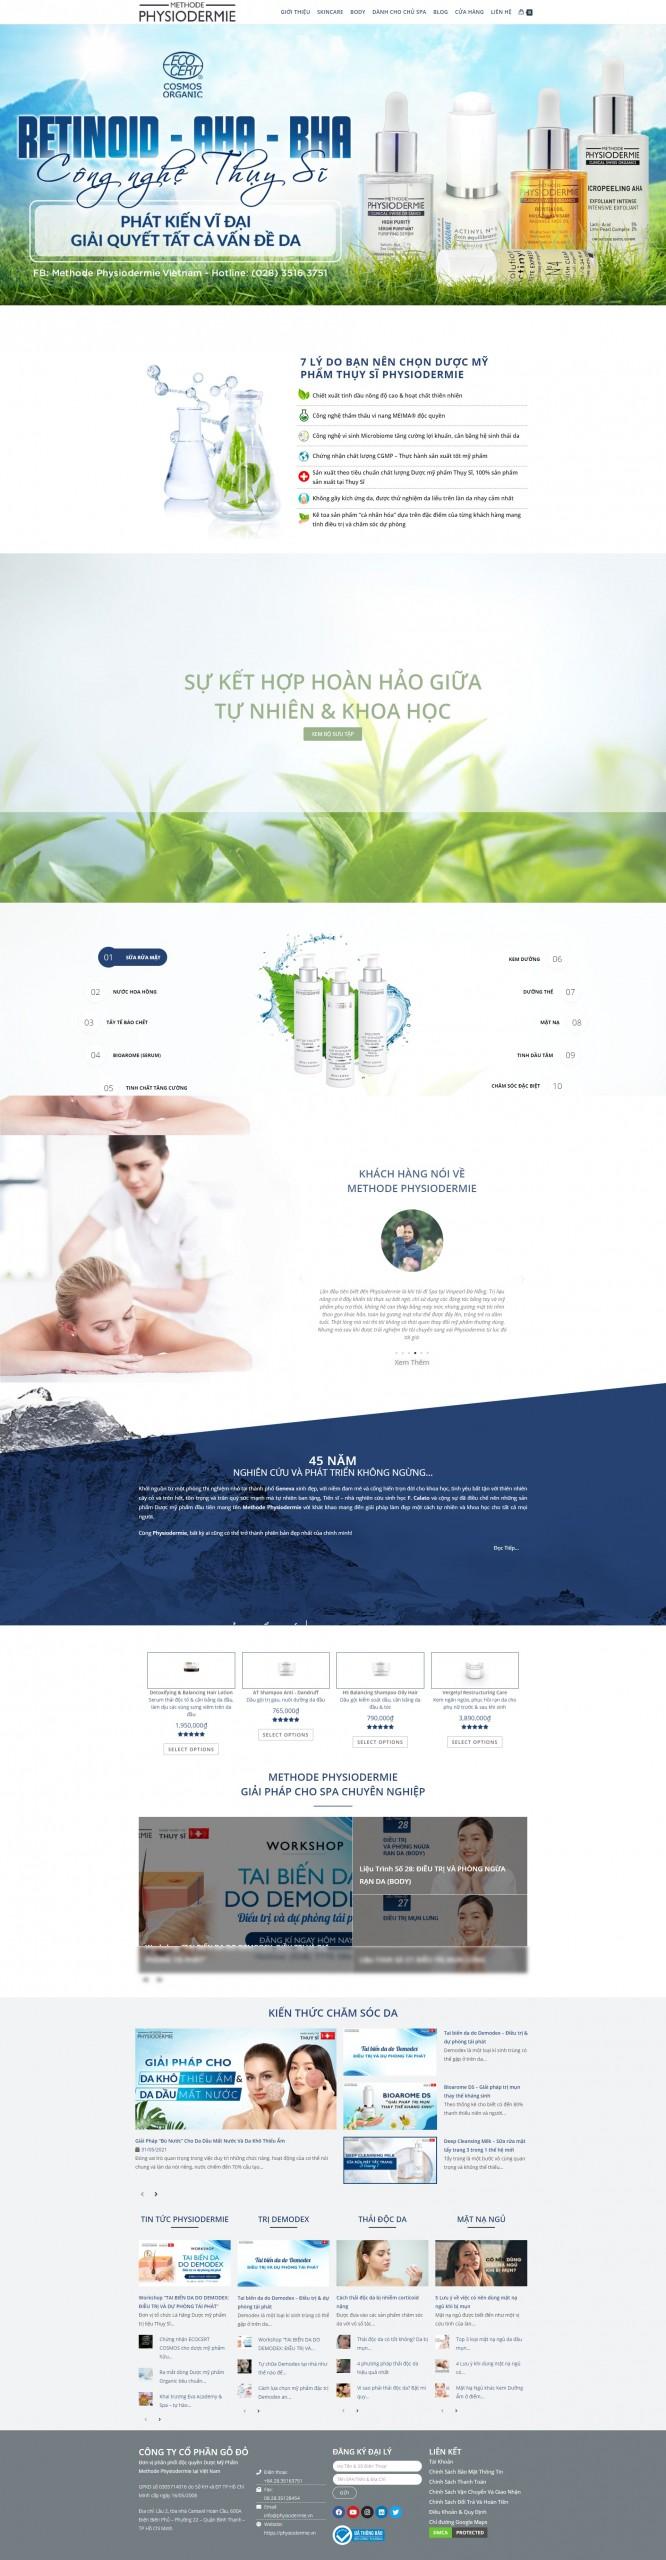 Sourcecode web bán mỹ phẩm siêu đẹp Physioderme